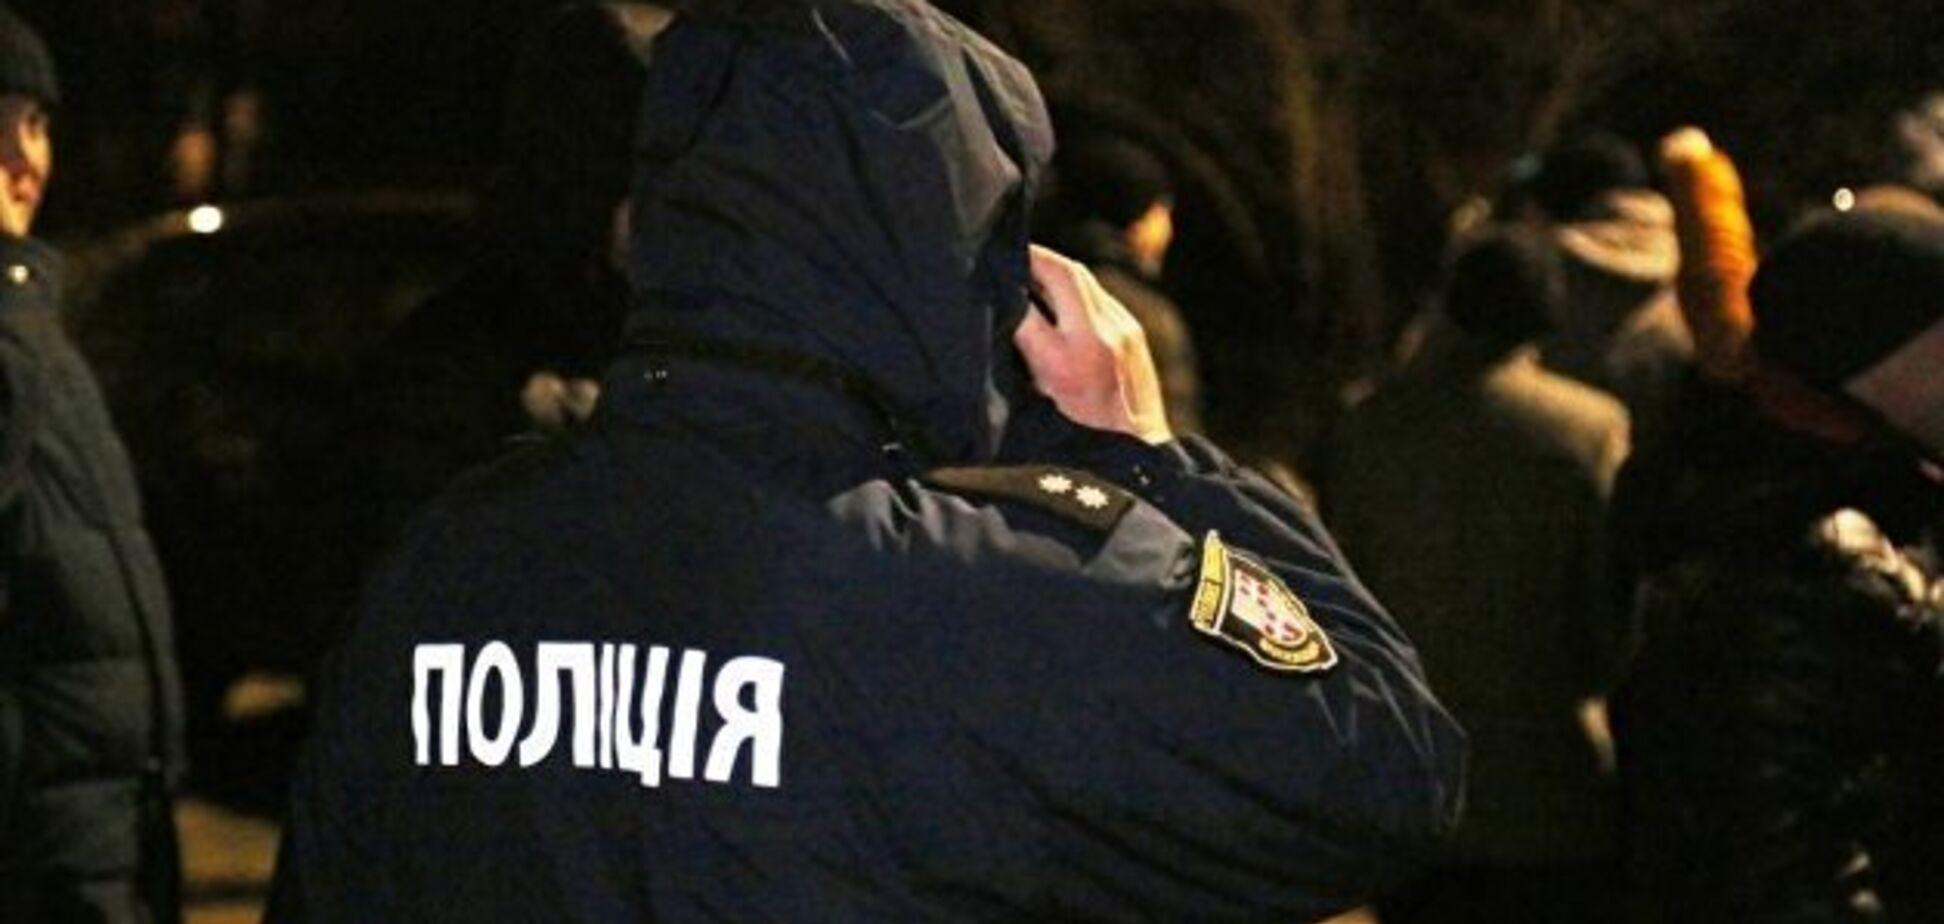 Під Києвом затримали банду, яка скоїла серію гучних убивств. Фото